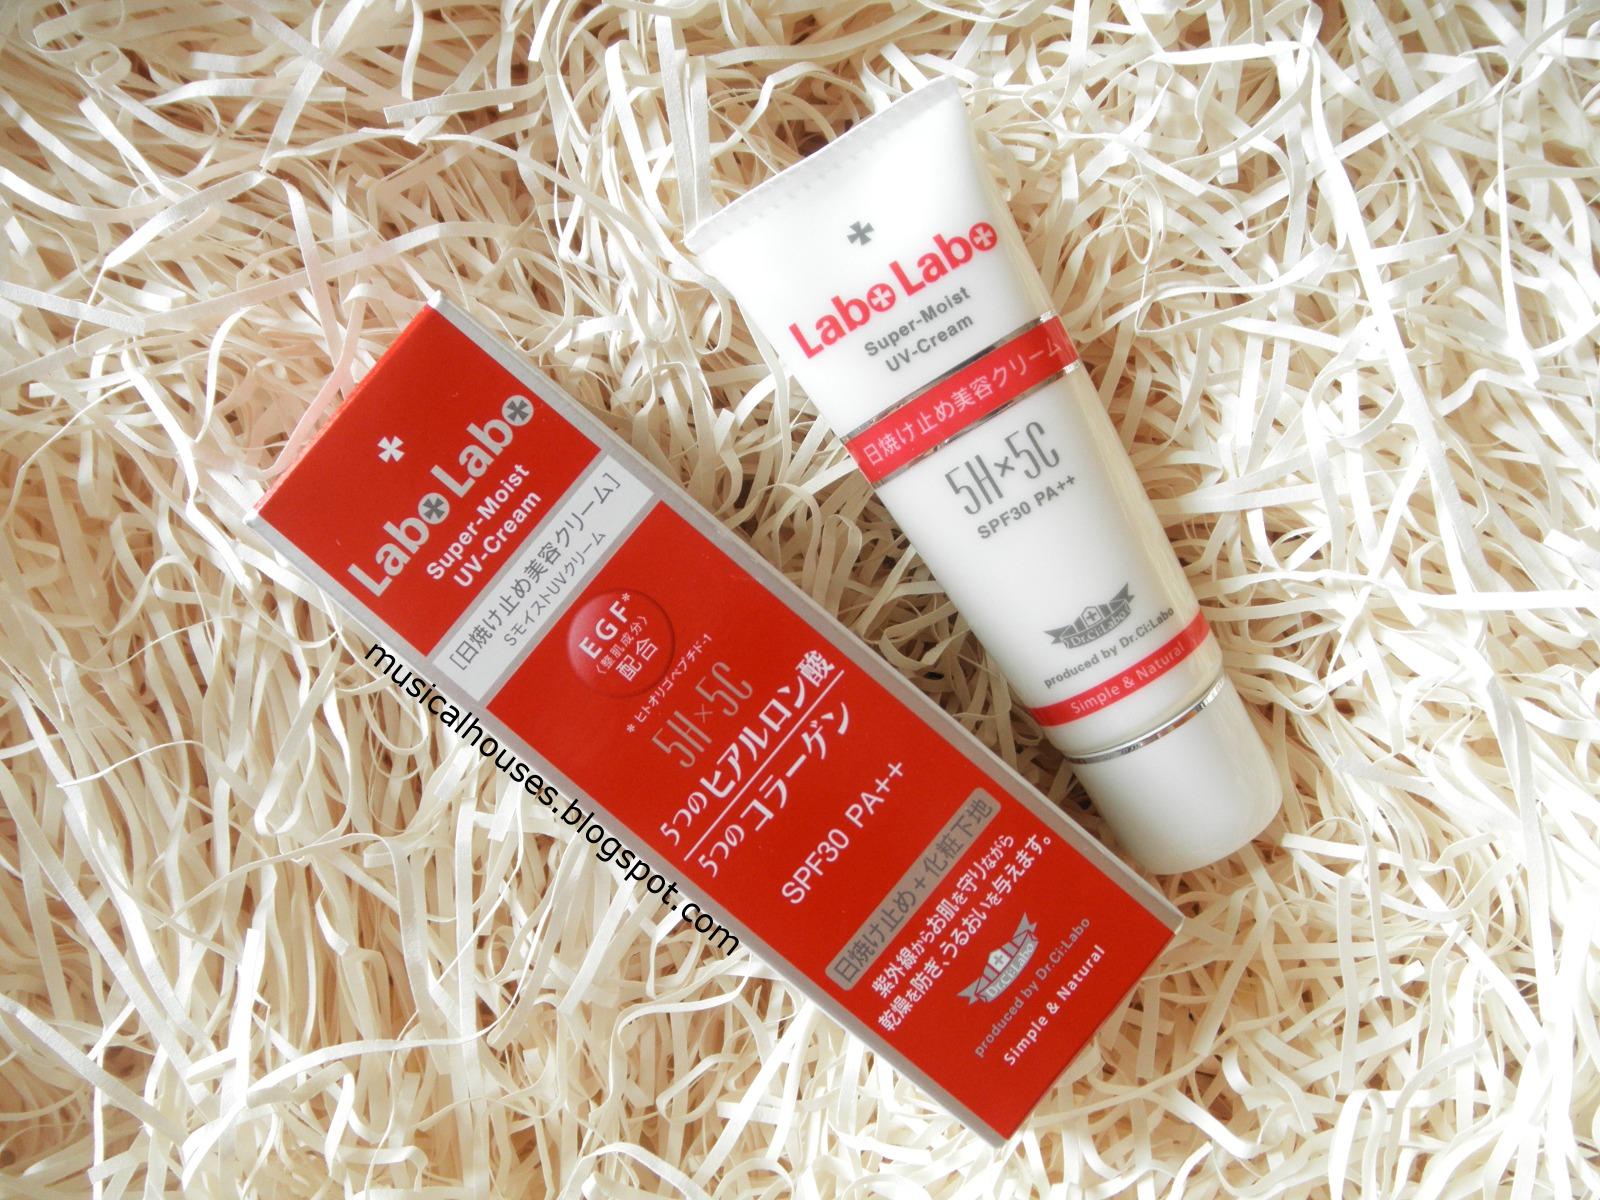 Dr Ci Labo Labo Labo Super Moist 5H5C UV Cream Sunscreen